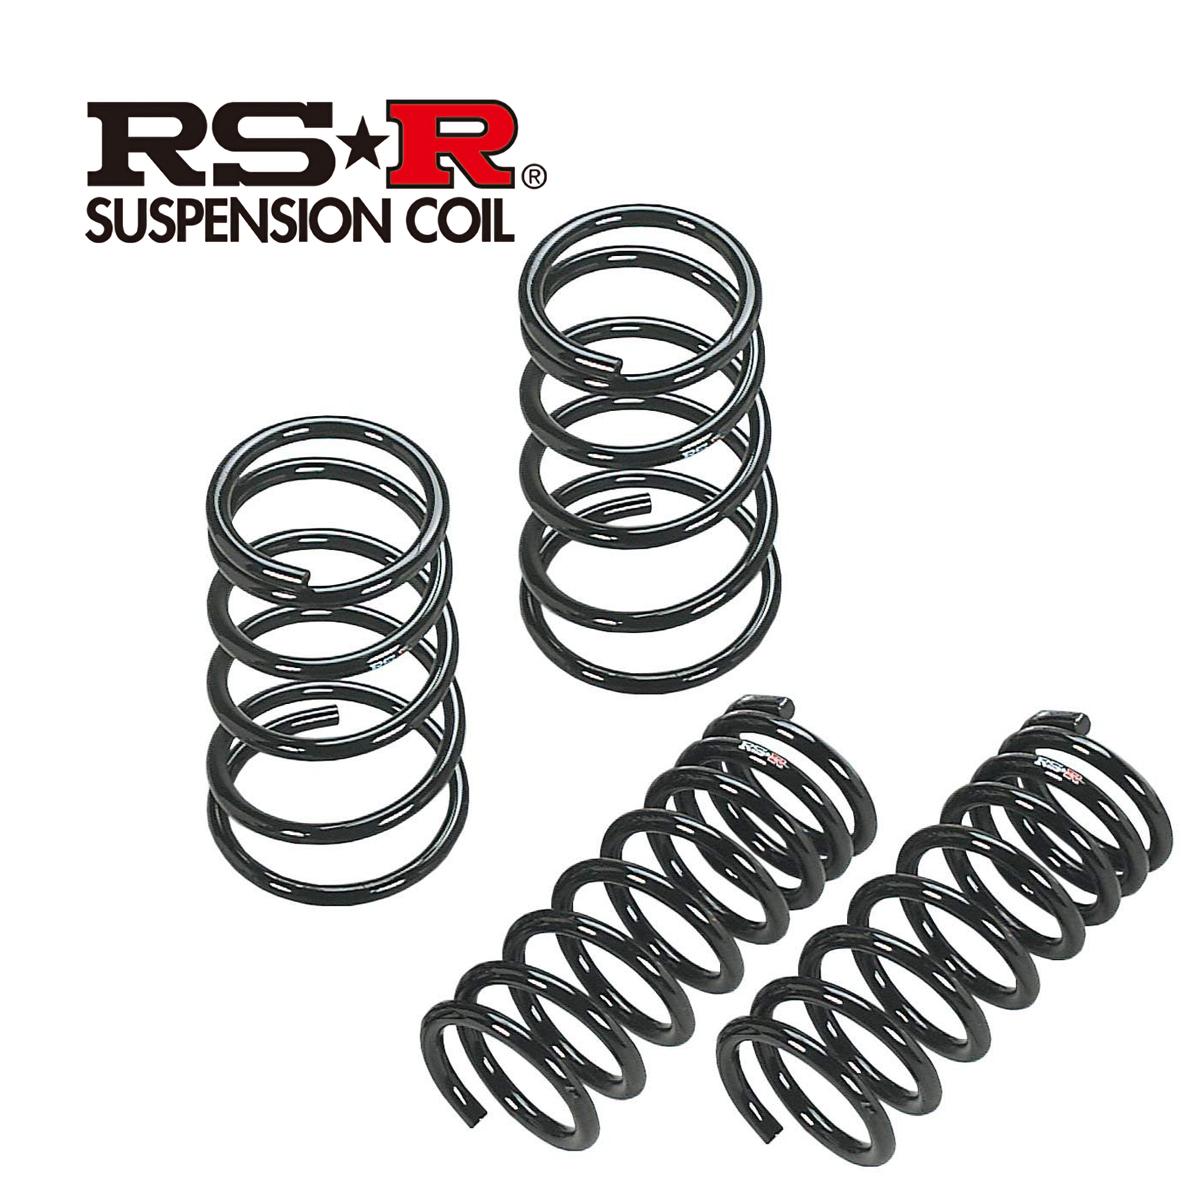 RS-R カローラ ZRE212 S ダウンサス スプリング フロント T580SF RSR スーパーダウン RSR